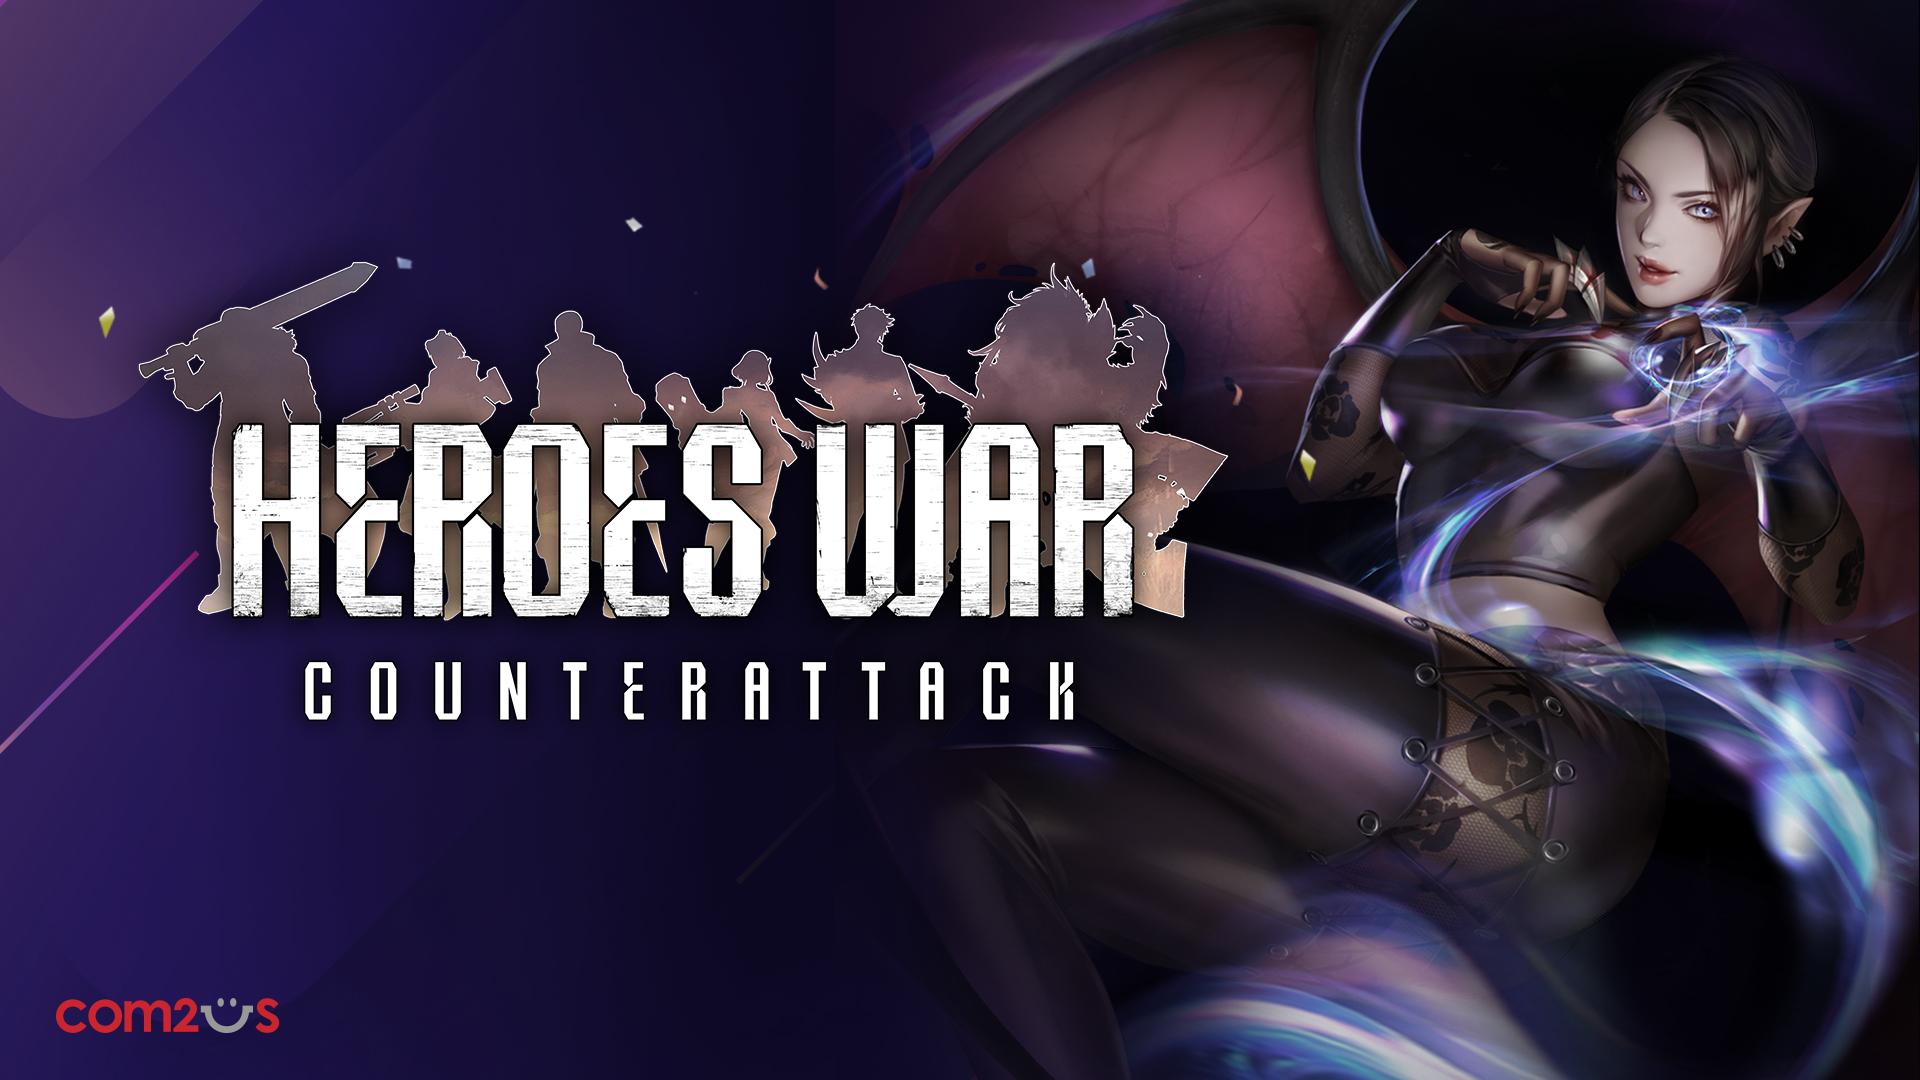 Heroes War 3042020 1